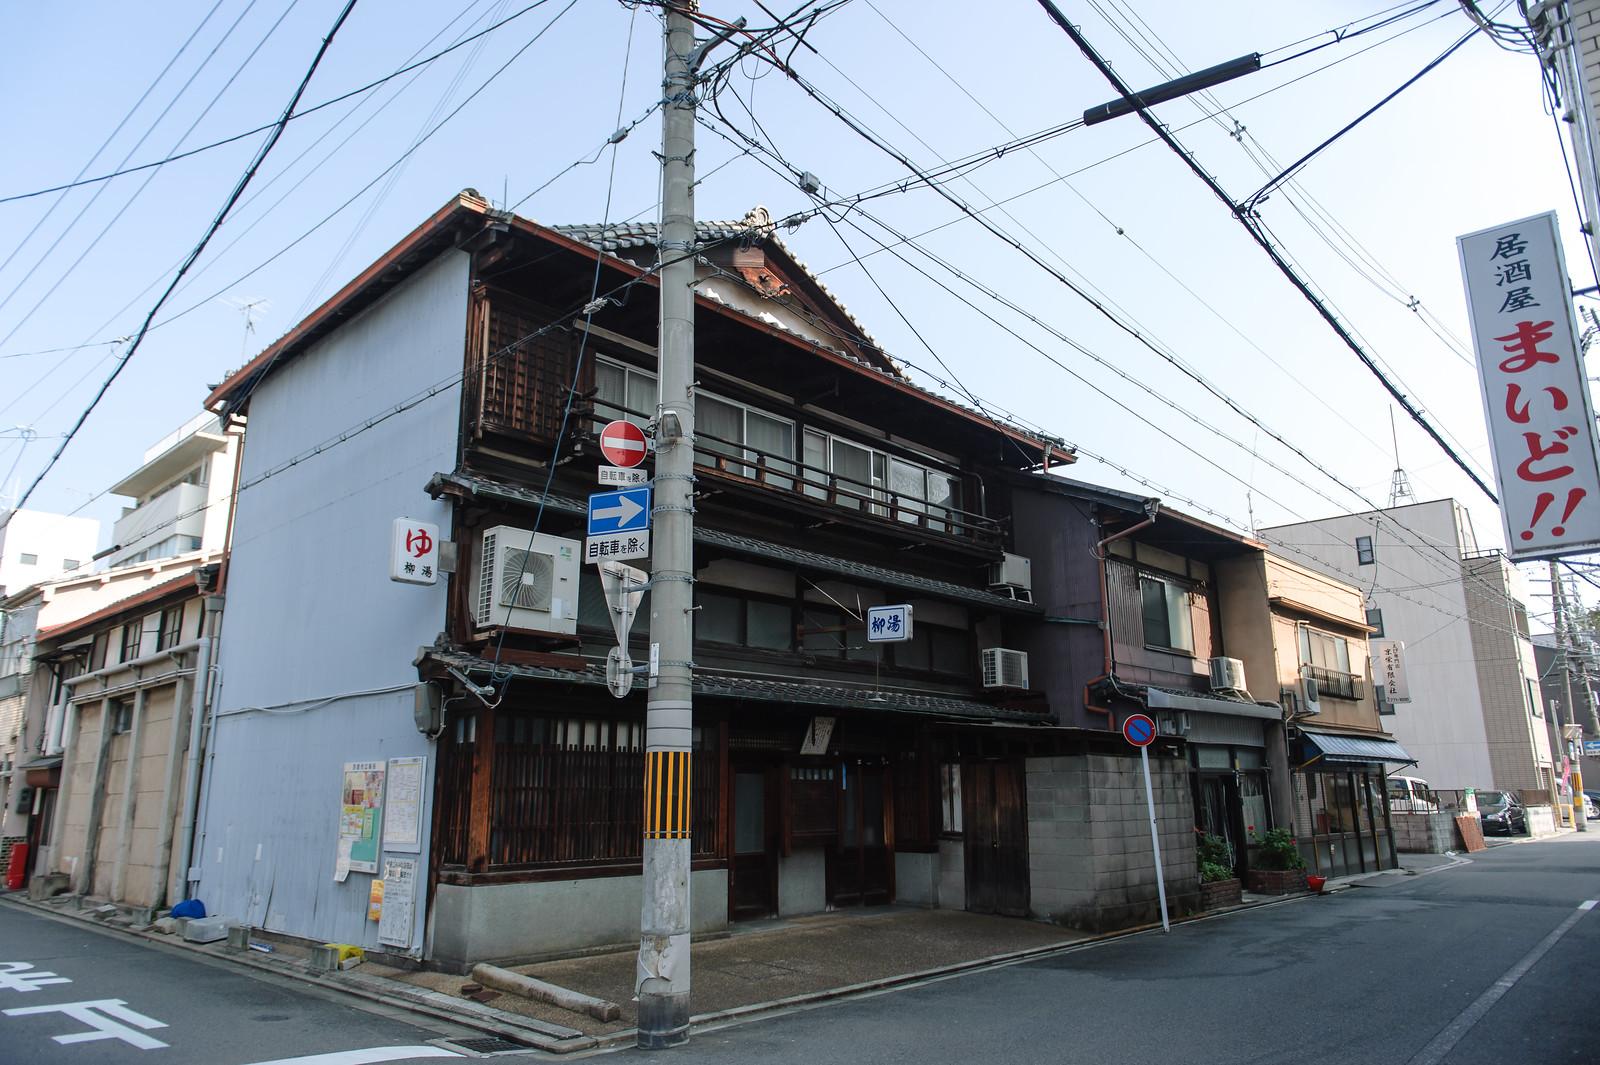 2015VQ@Kyoto-598